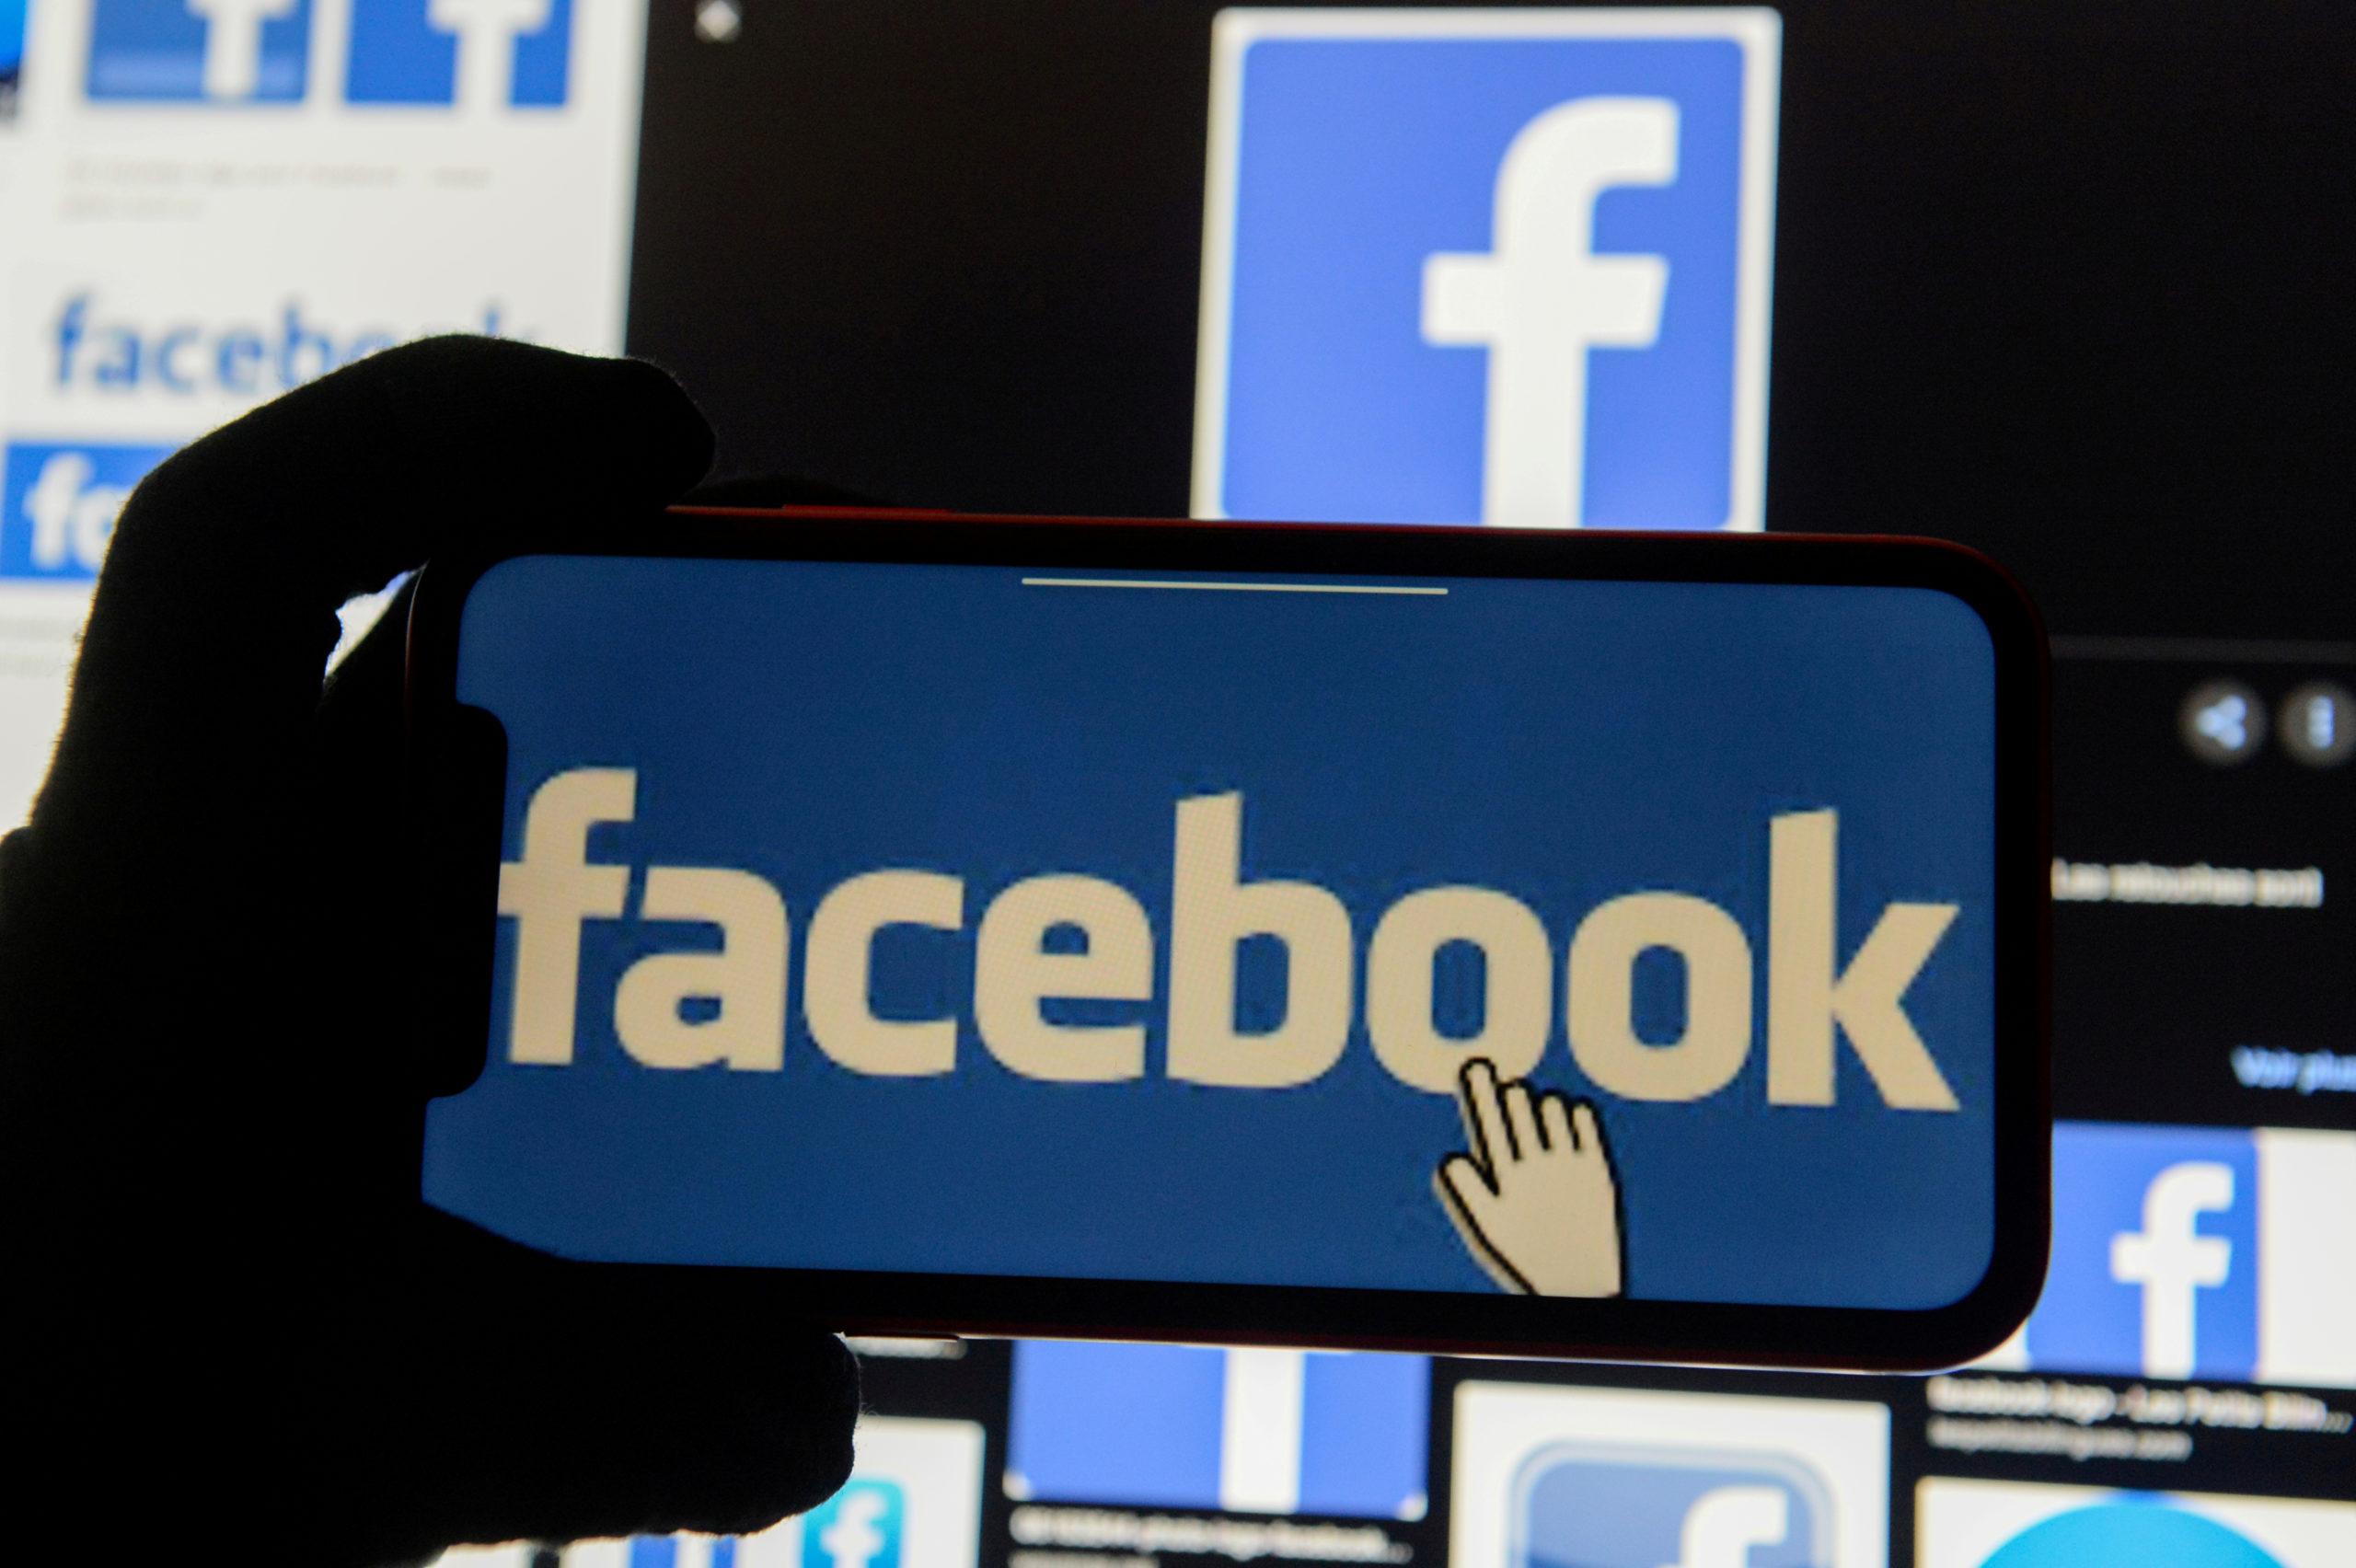 Facebook: Καλείται να μην προβάλλει αναρτήσεις μίσους